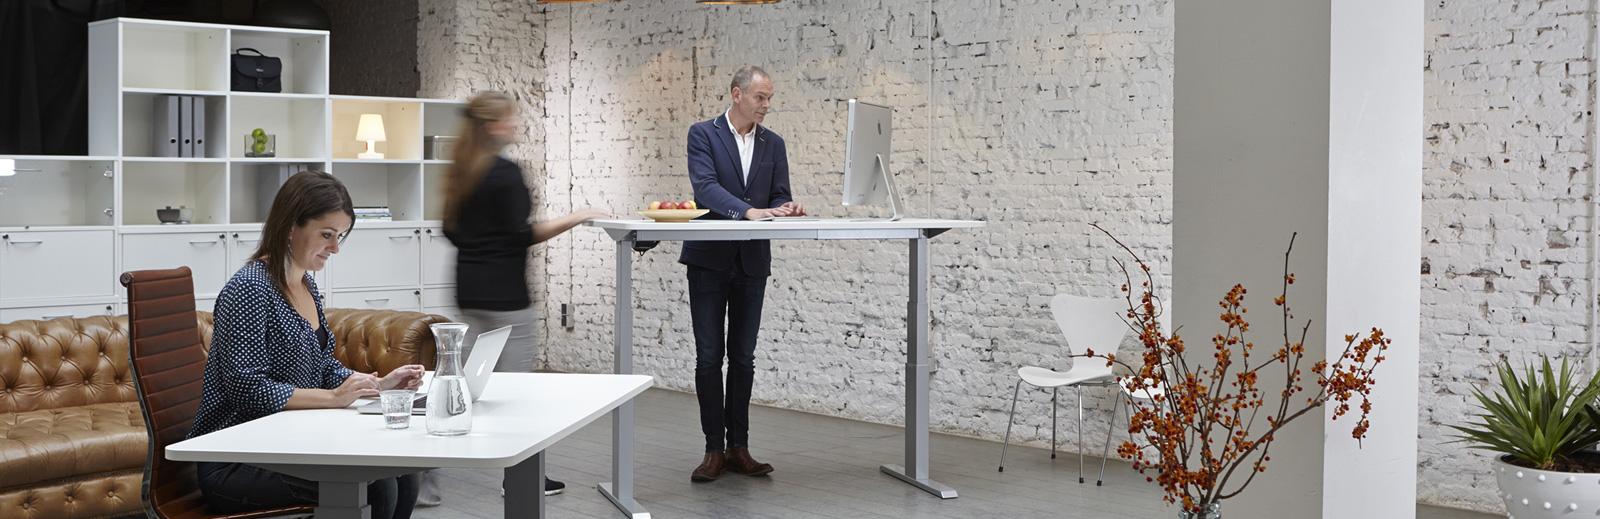 ergonomisch meubilair statafel bureaustoel